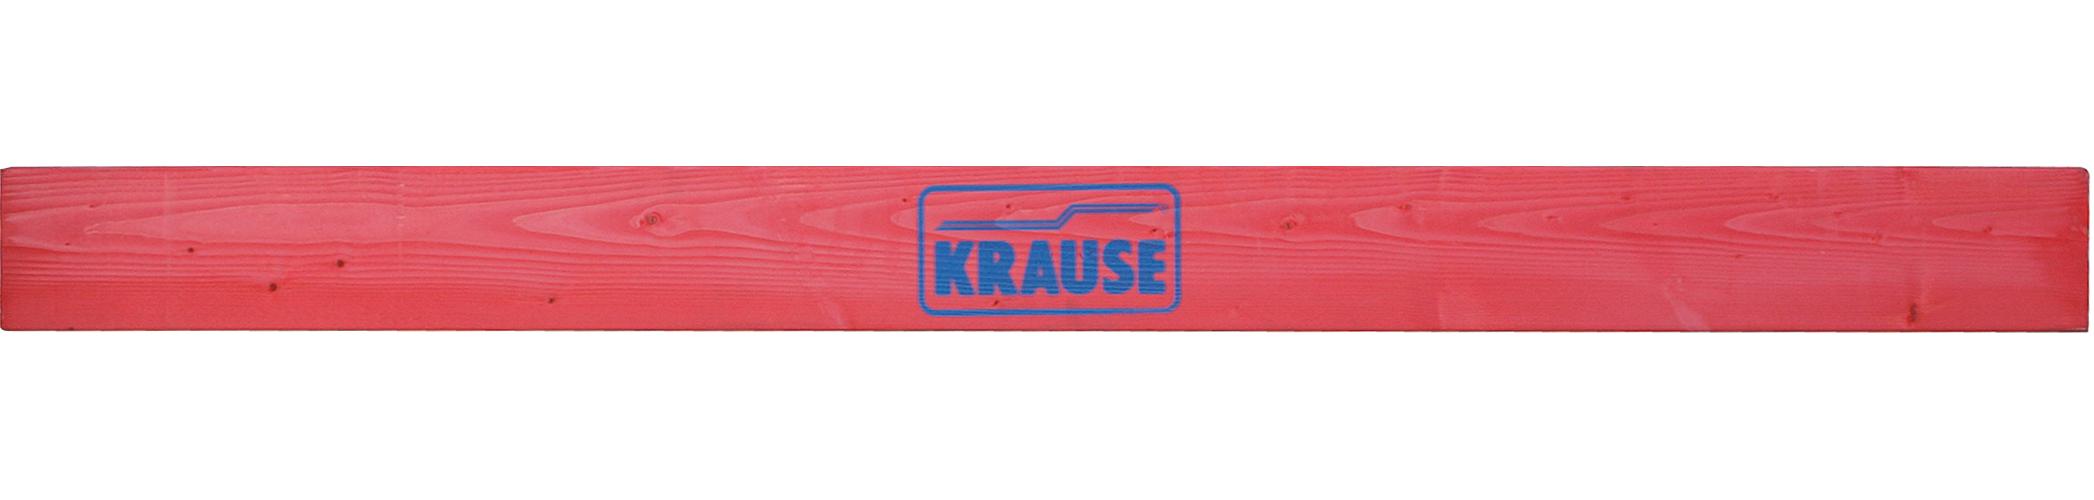 Krause Rollgerüst Längsbord 2,00 m